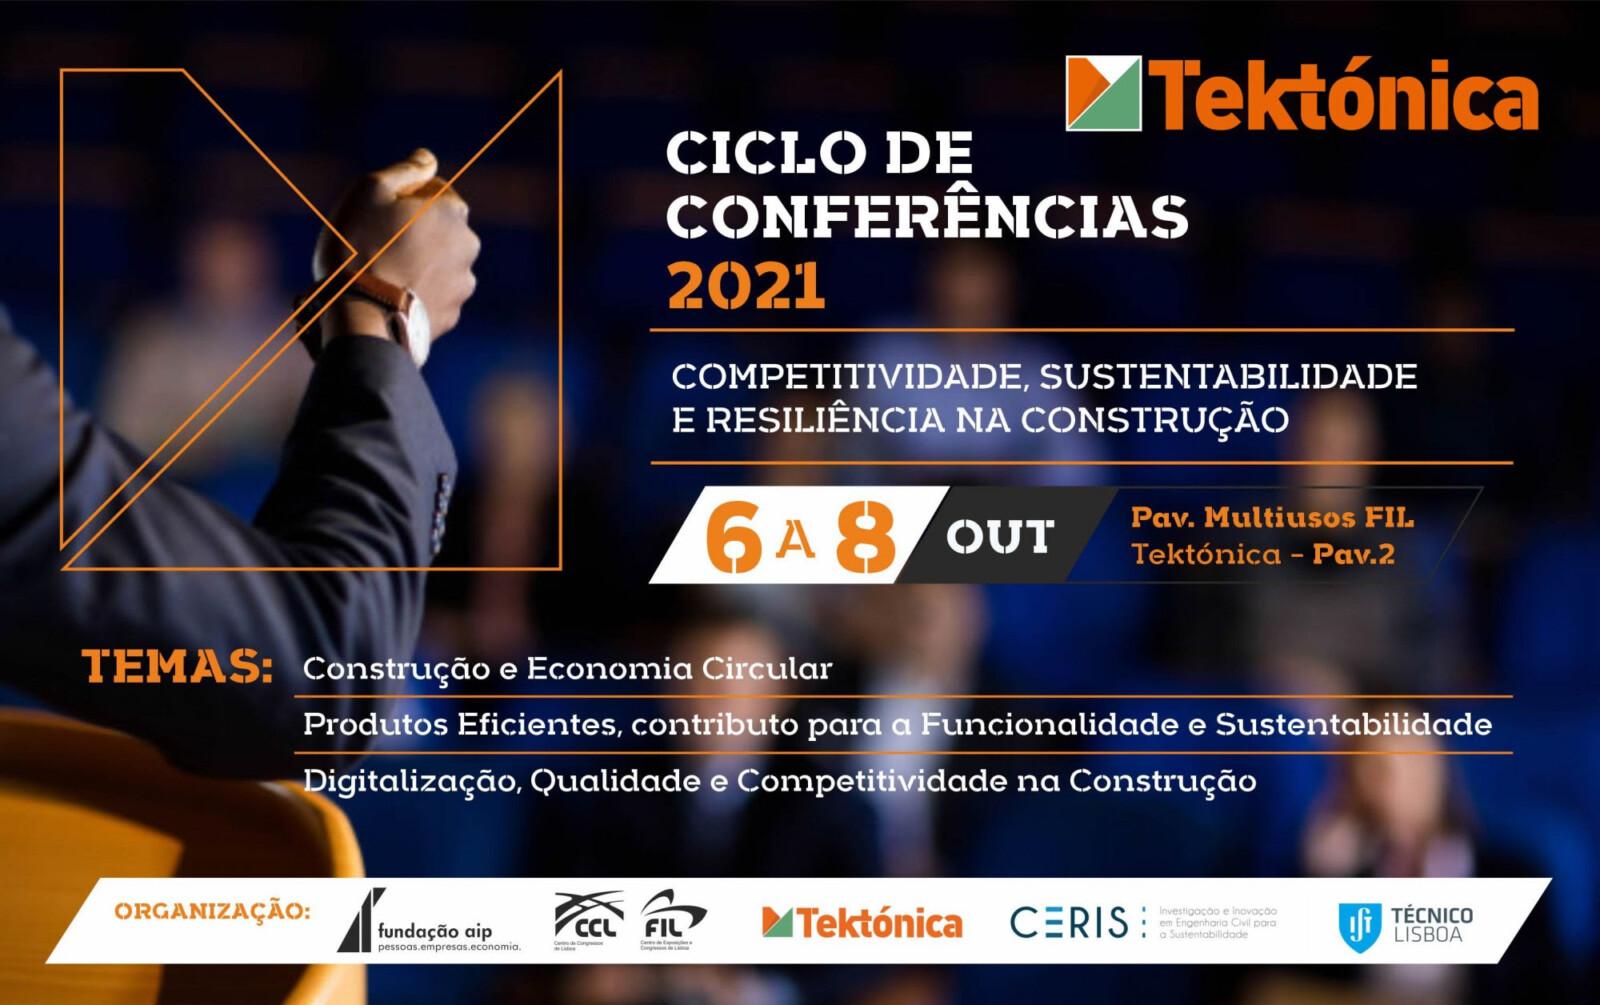 23ª edição da Tektónica terá ciclo de conferências de 6 a 8 Outubro